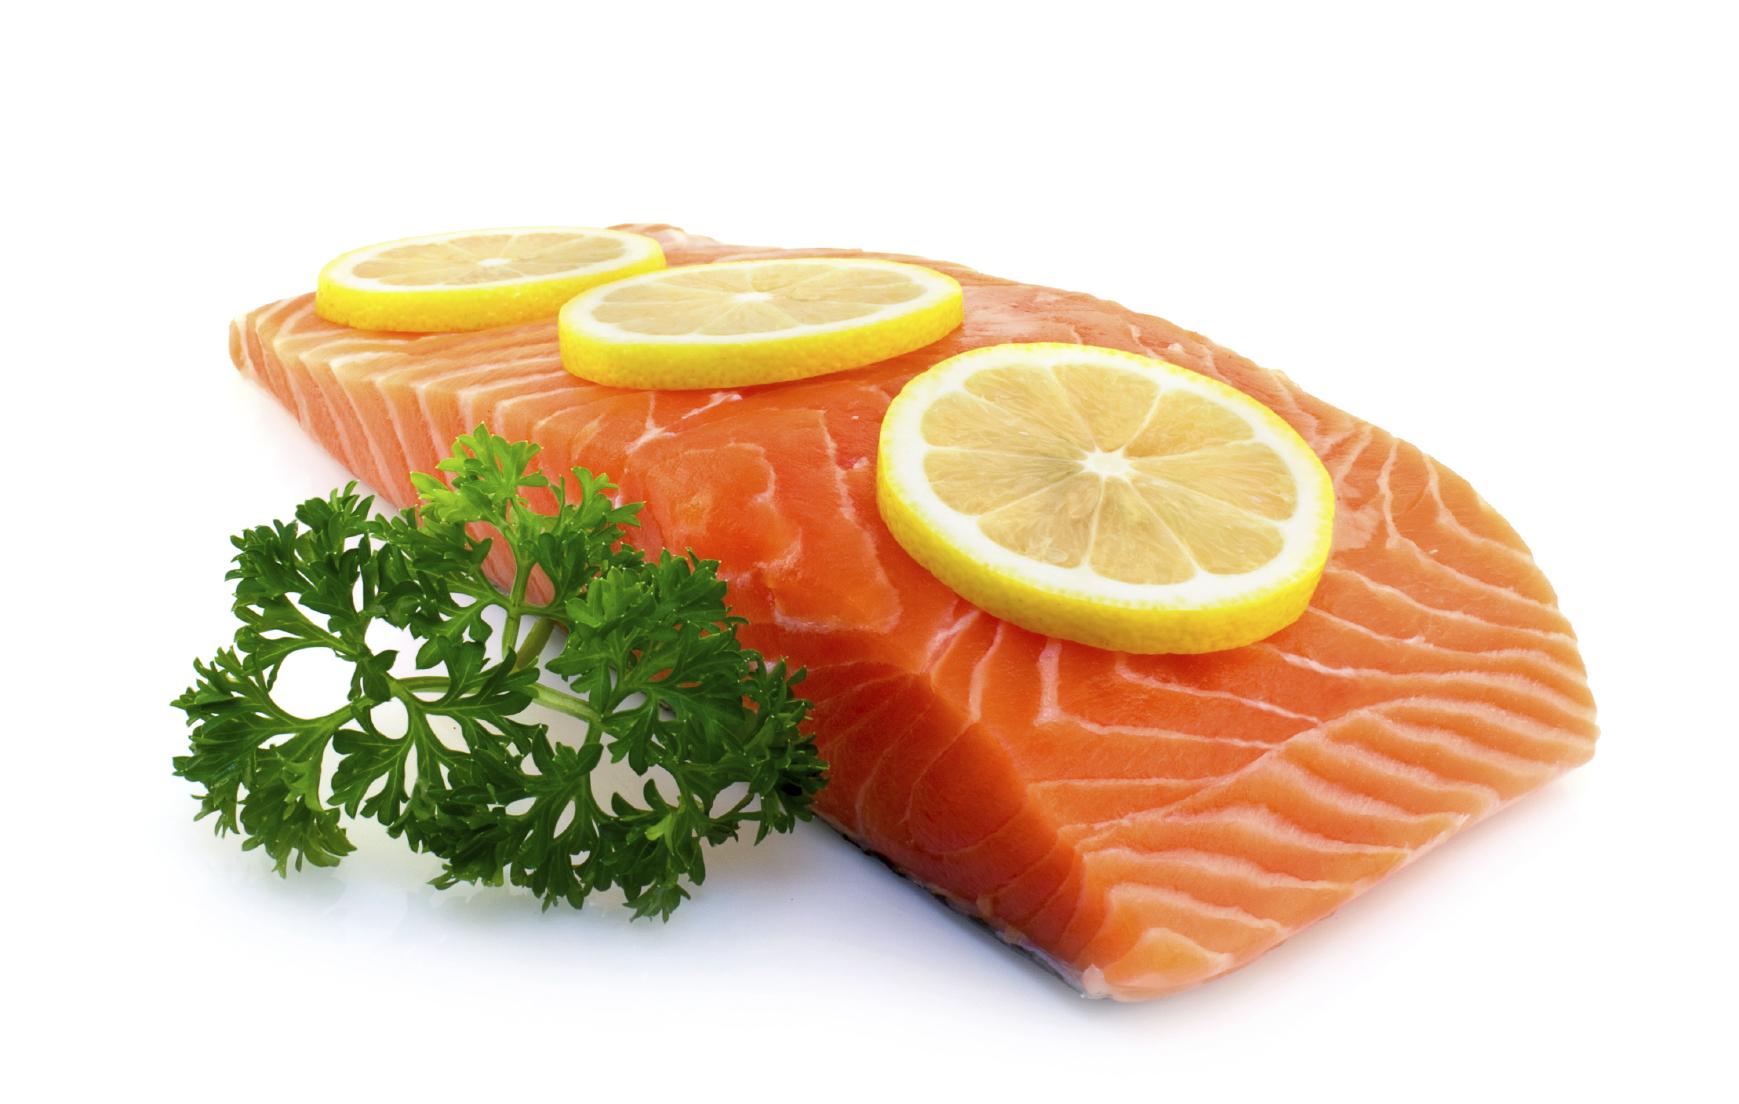 Alimentos que contienen prote nas los m s efectivos ejercicios en casa - Alimentos que suben la tension ...